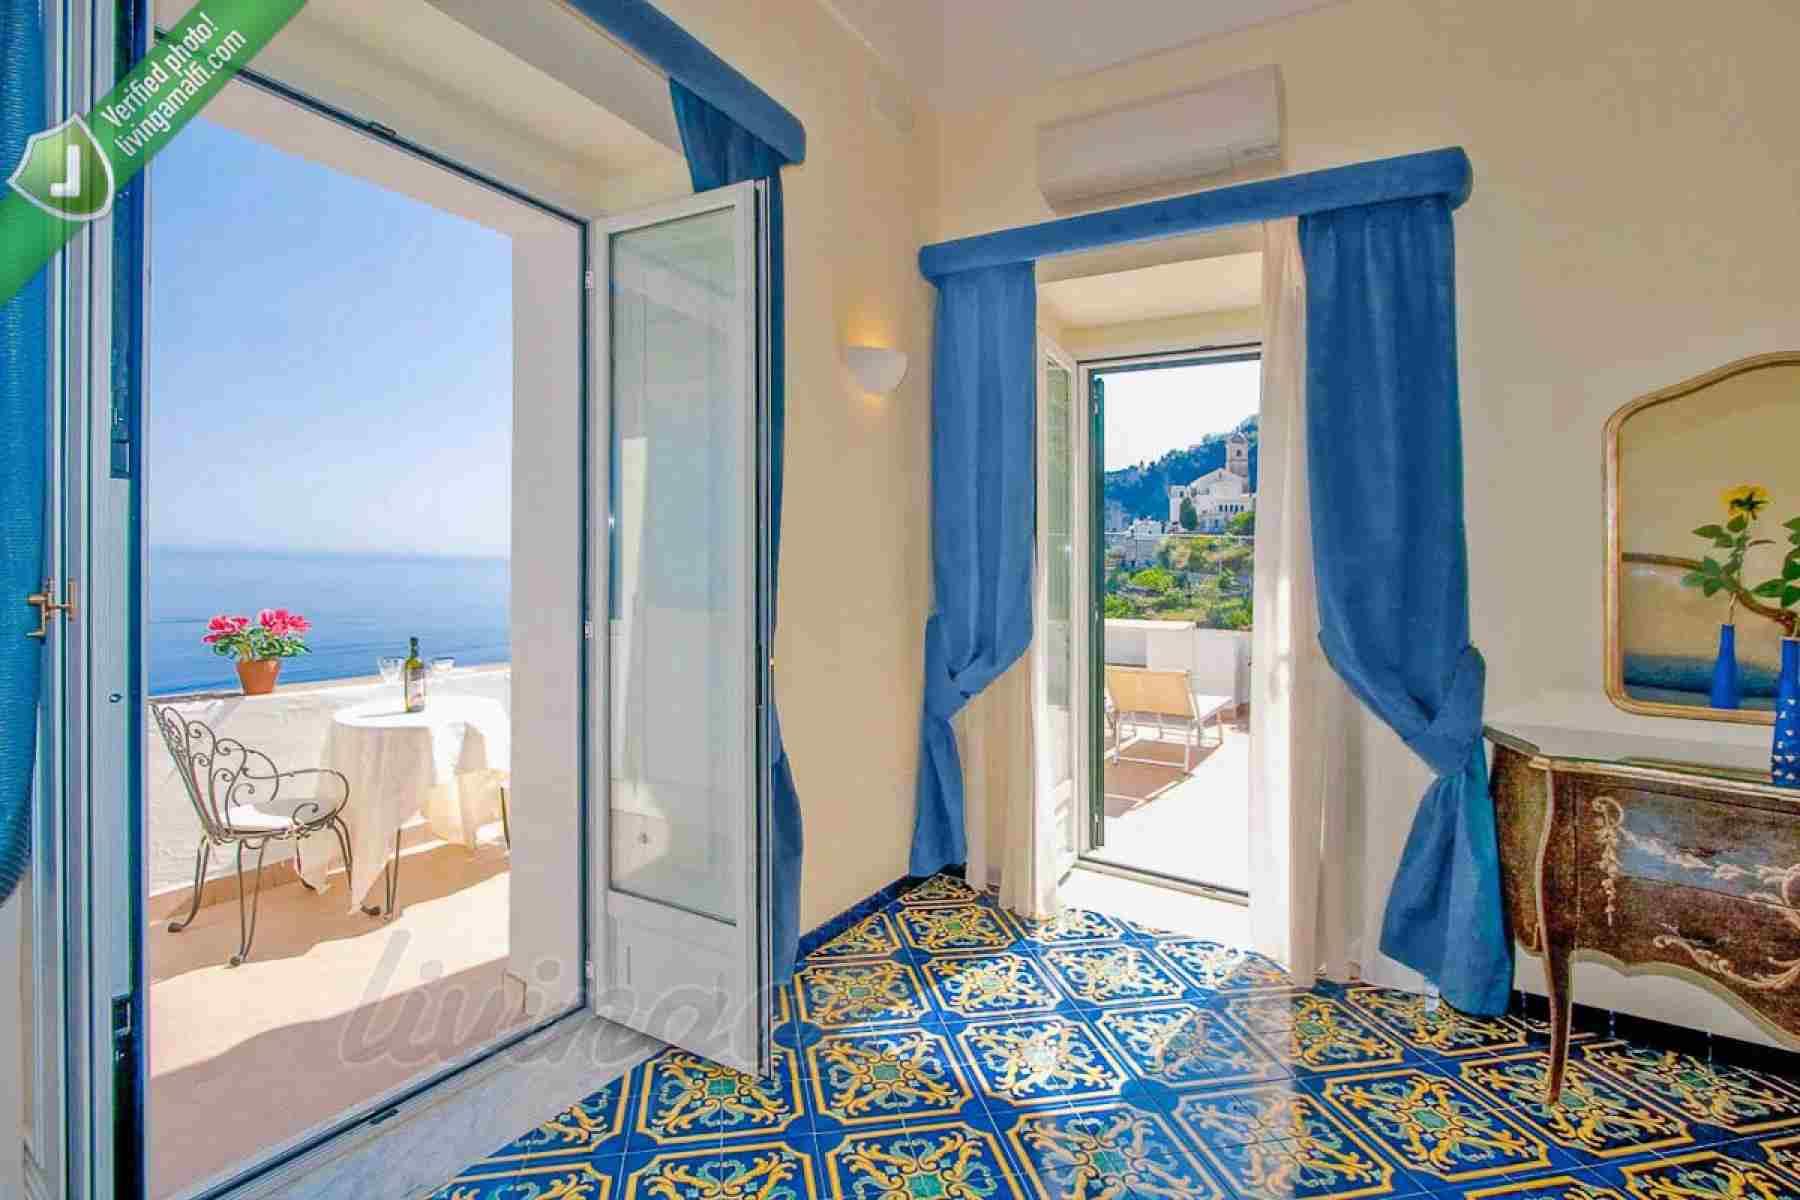 3 nights at a wonderful Villa in Amalfi! Wedding Package